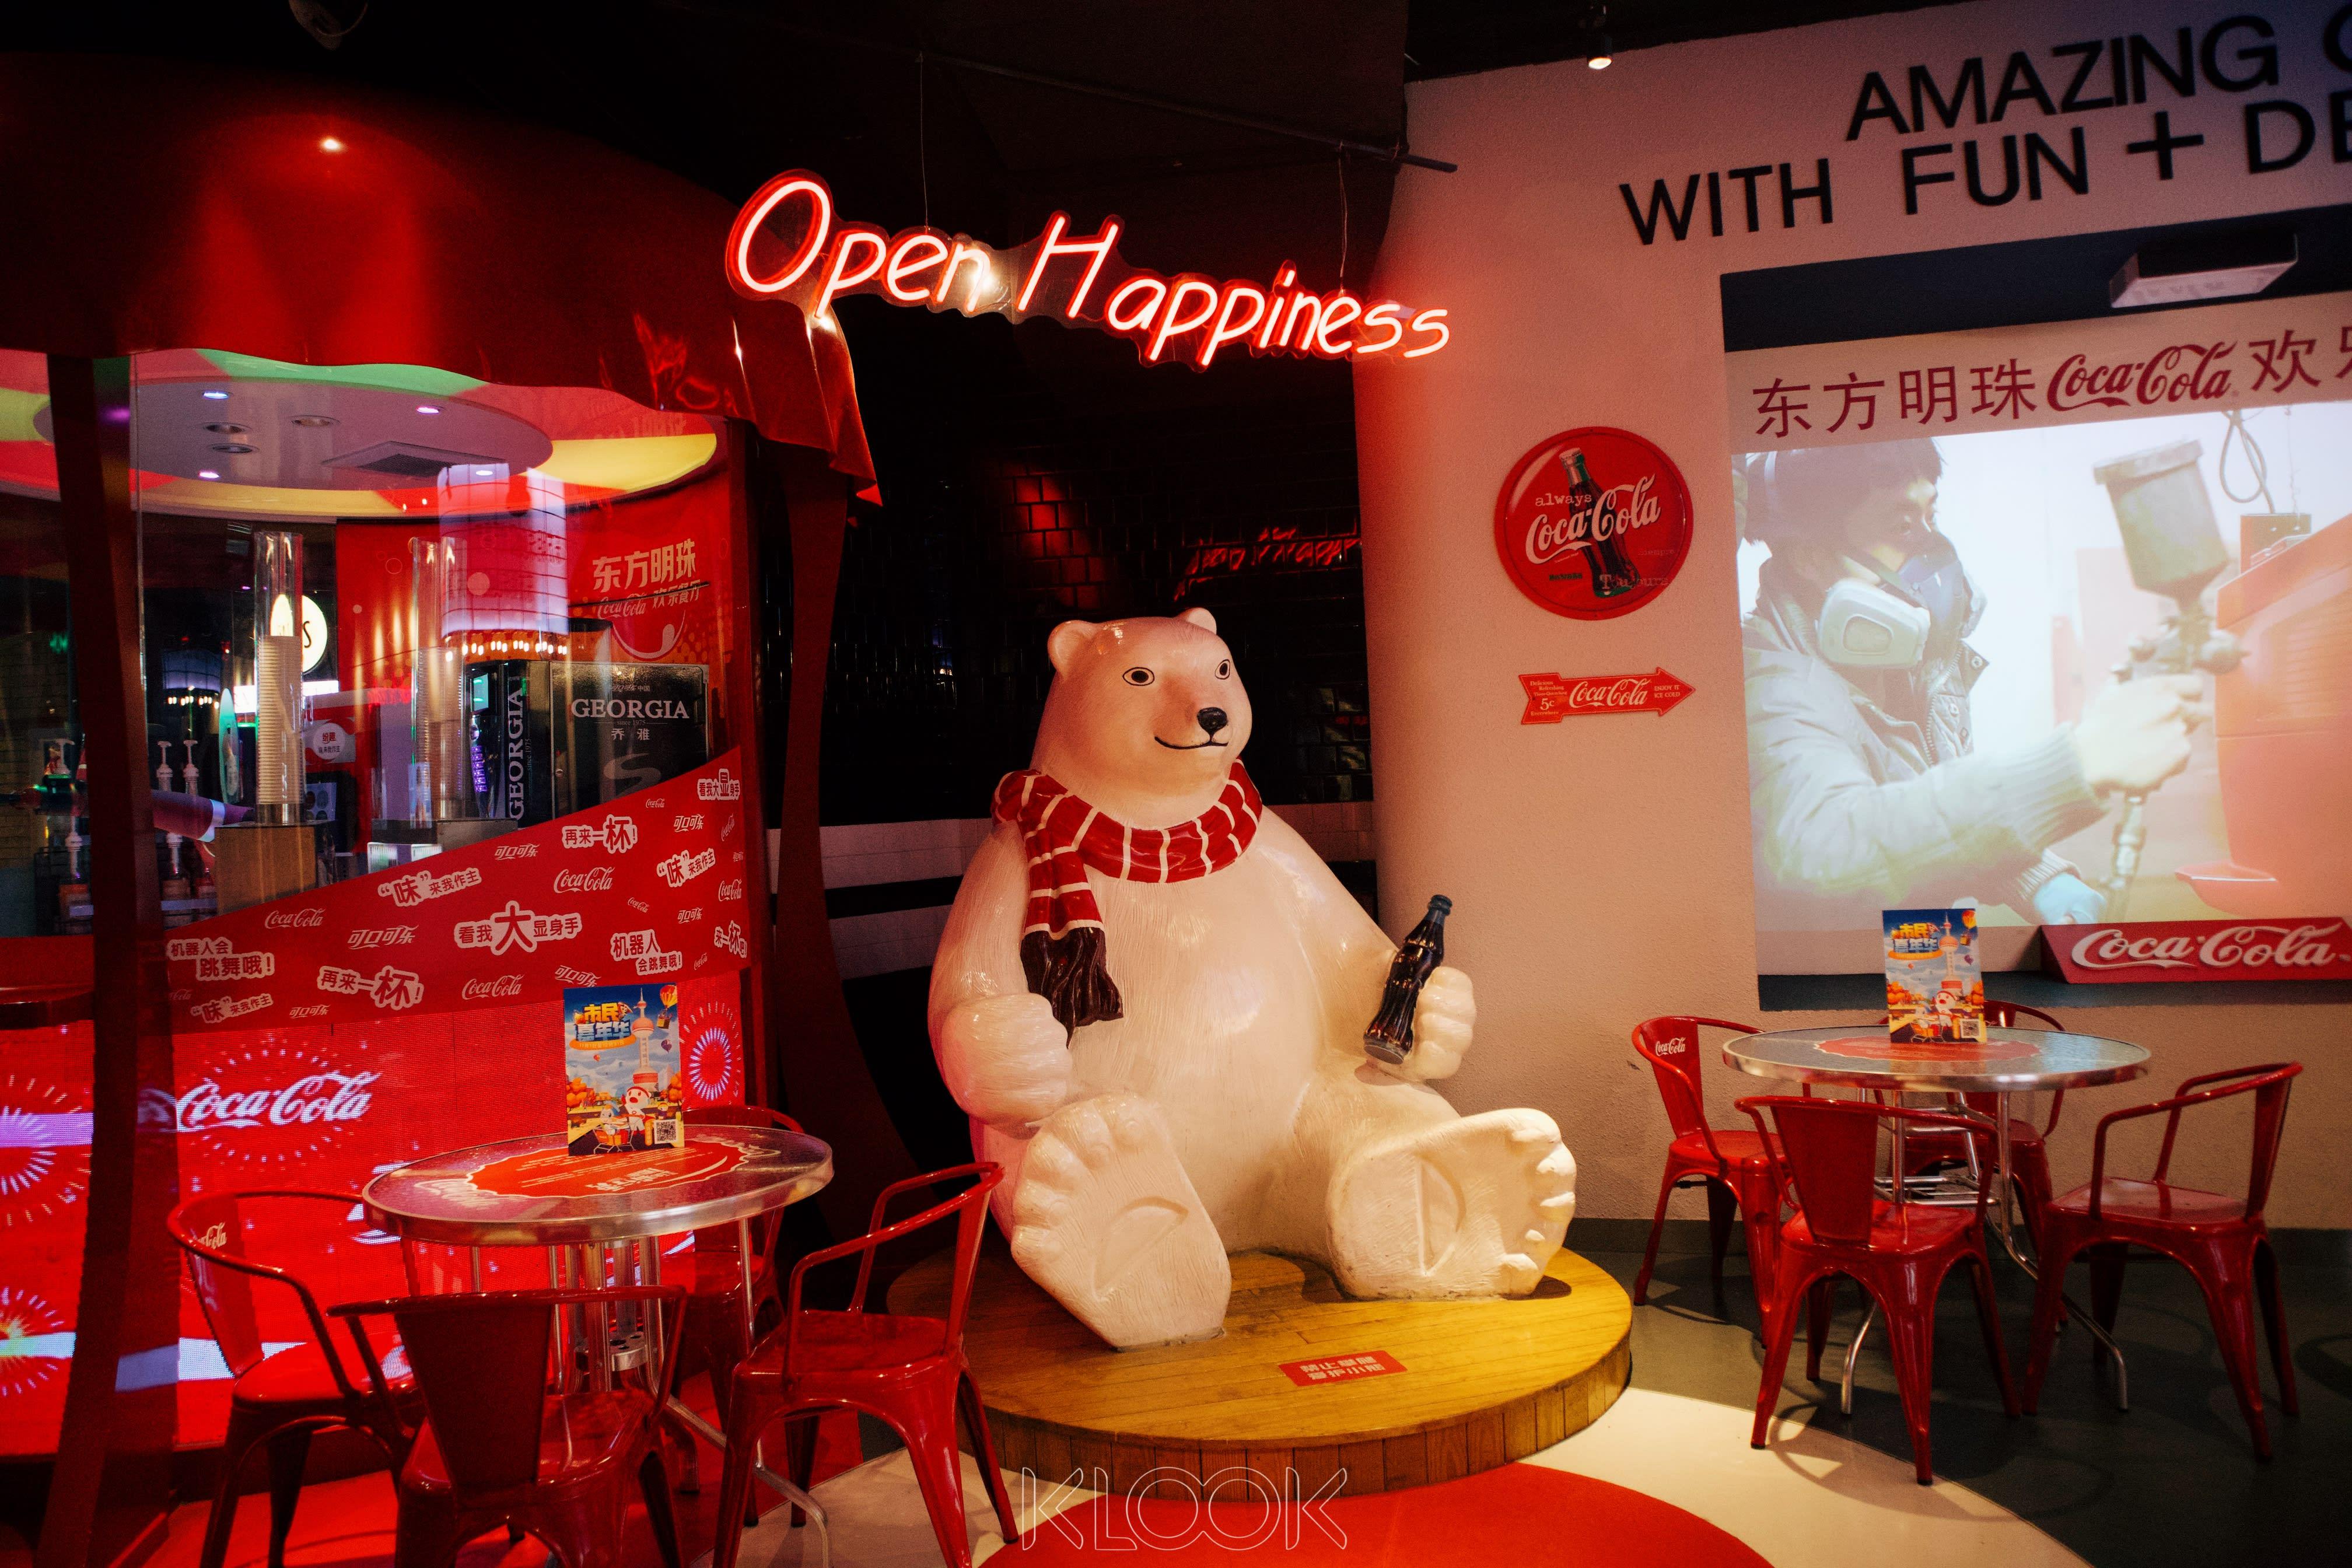 ร้านอาหาร coca-cola เซี่ยงไฮ้